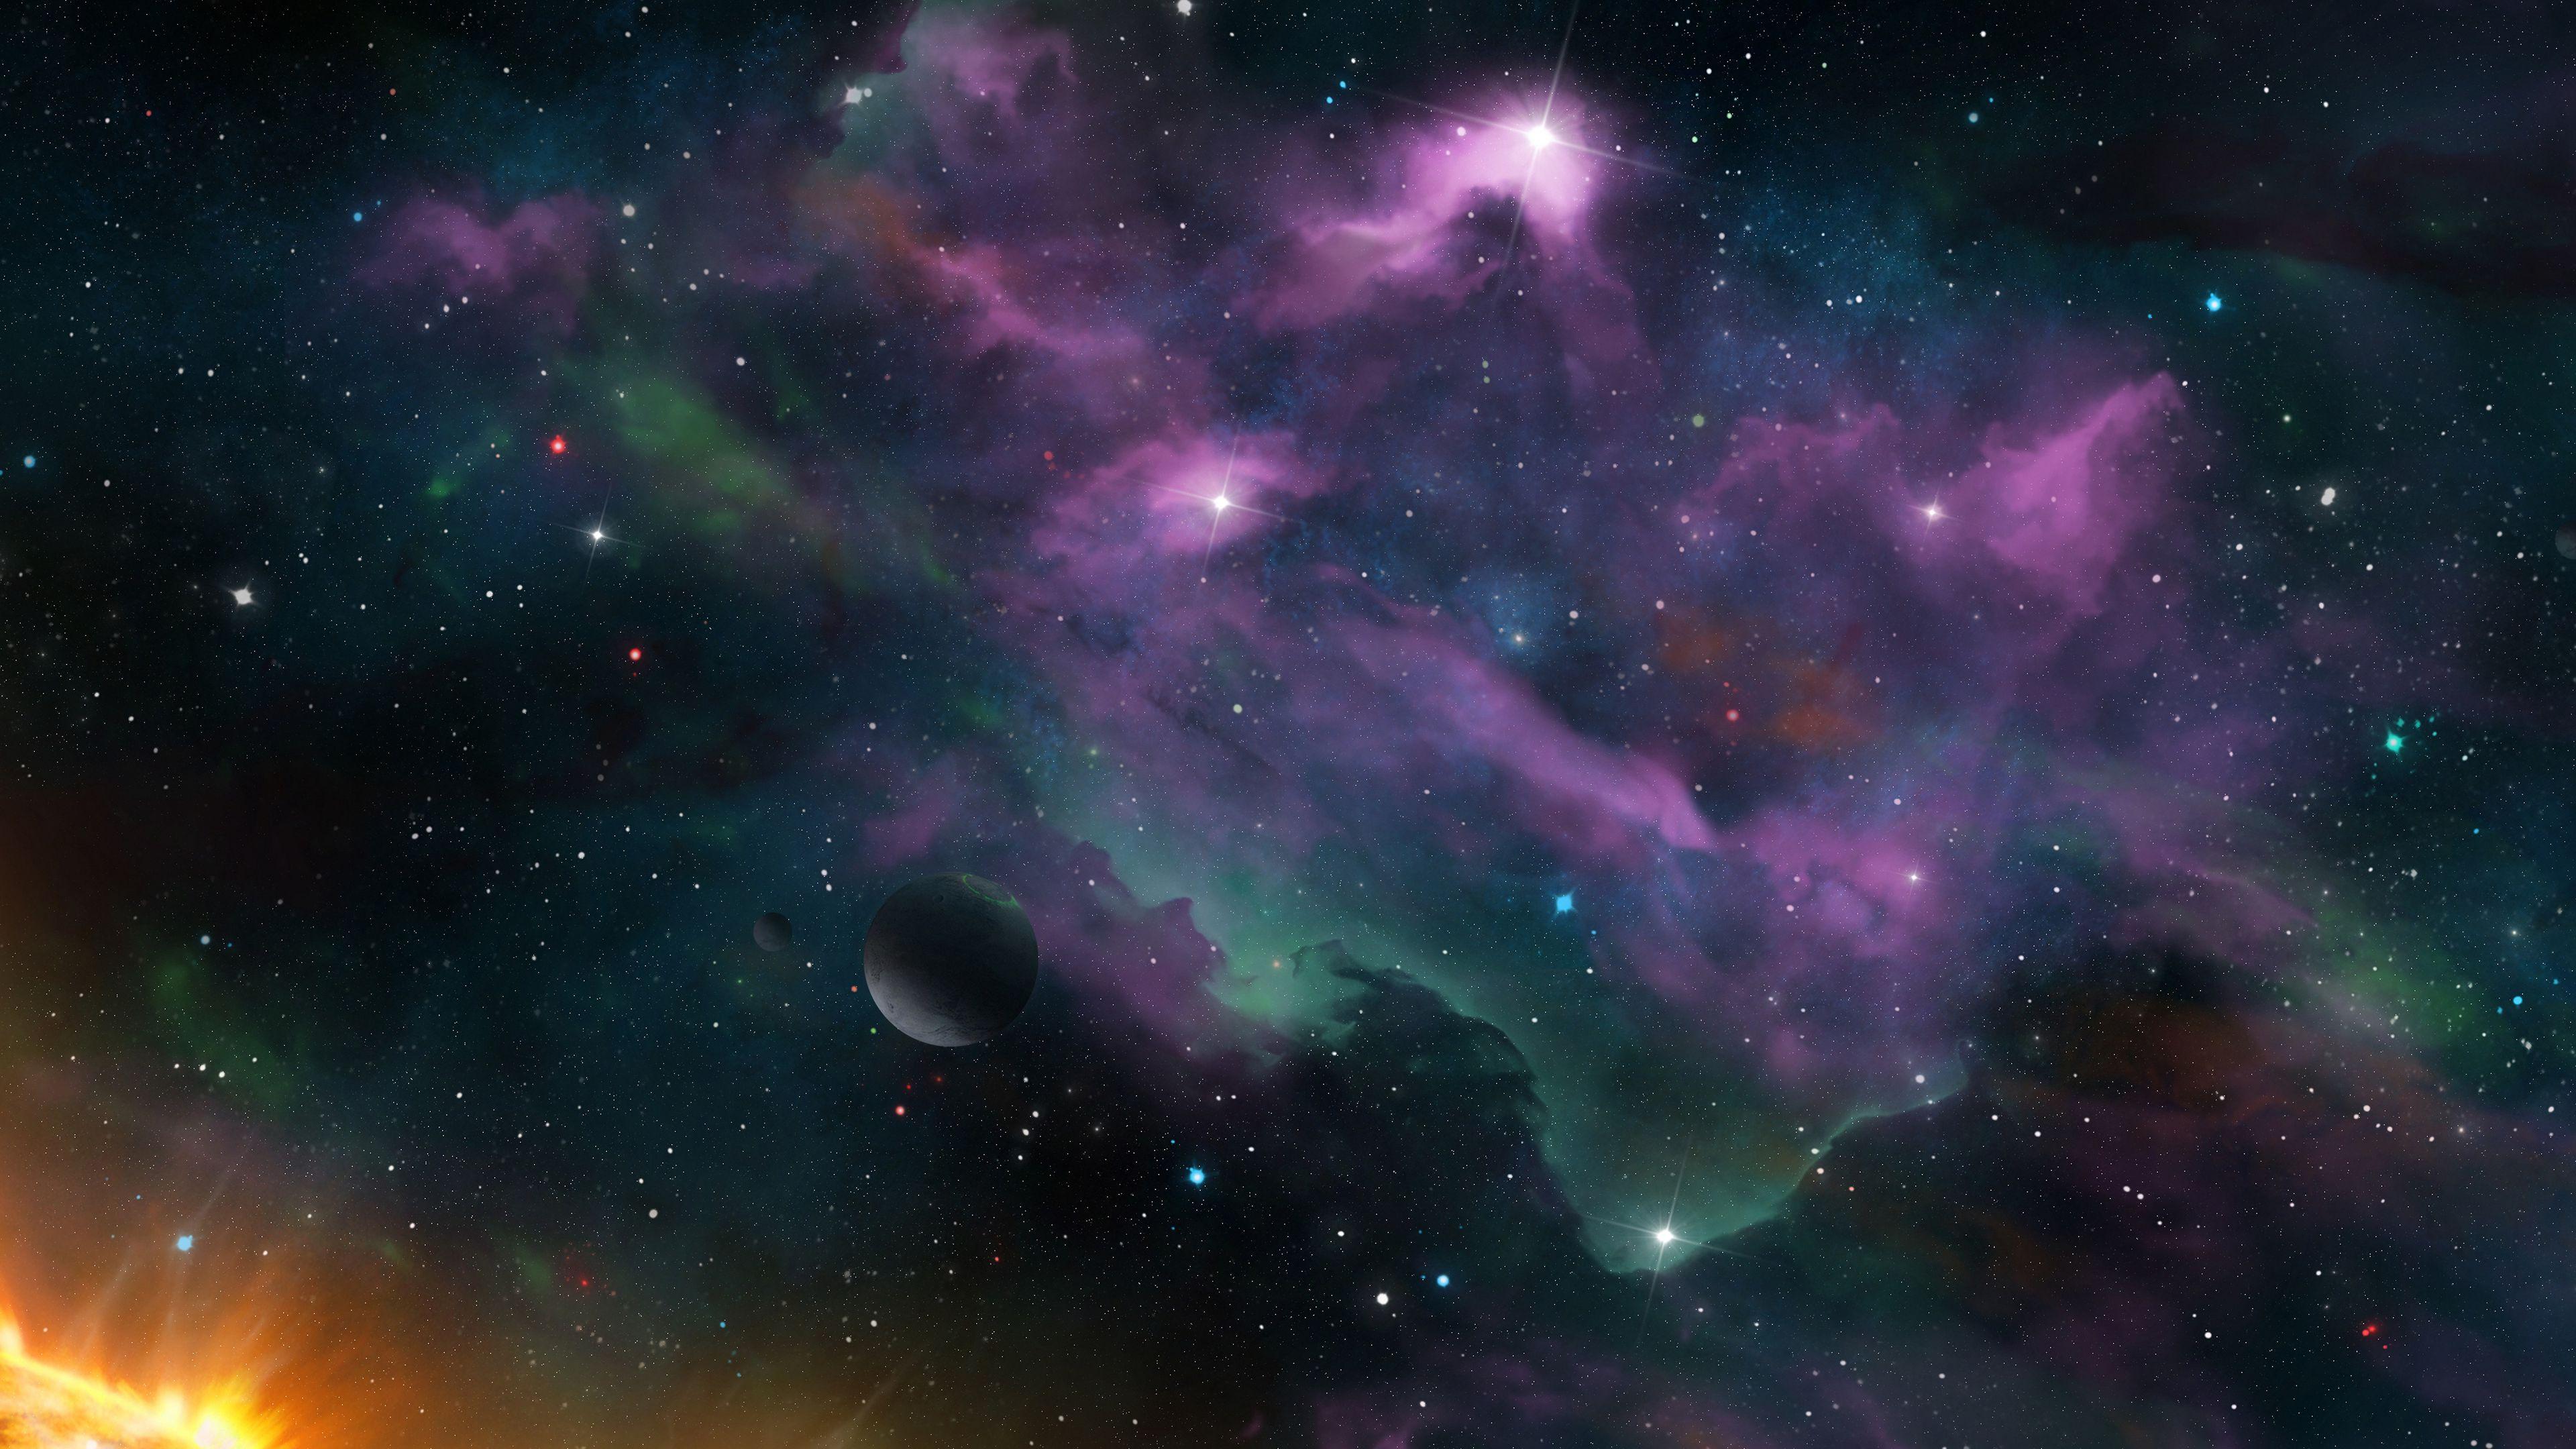 3840x2160 Wallpaper space, planets, nebula, stars, galaxy